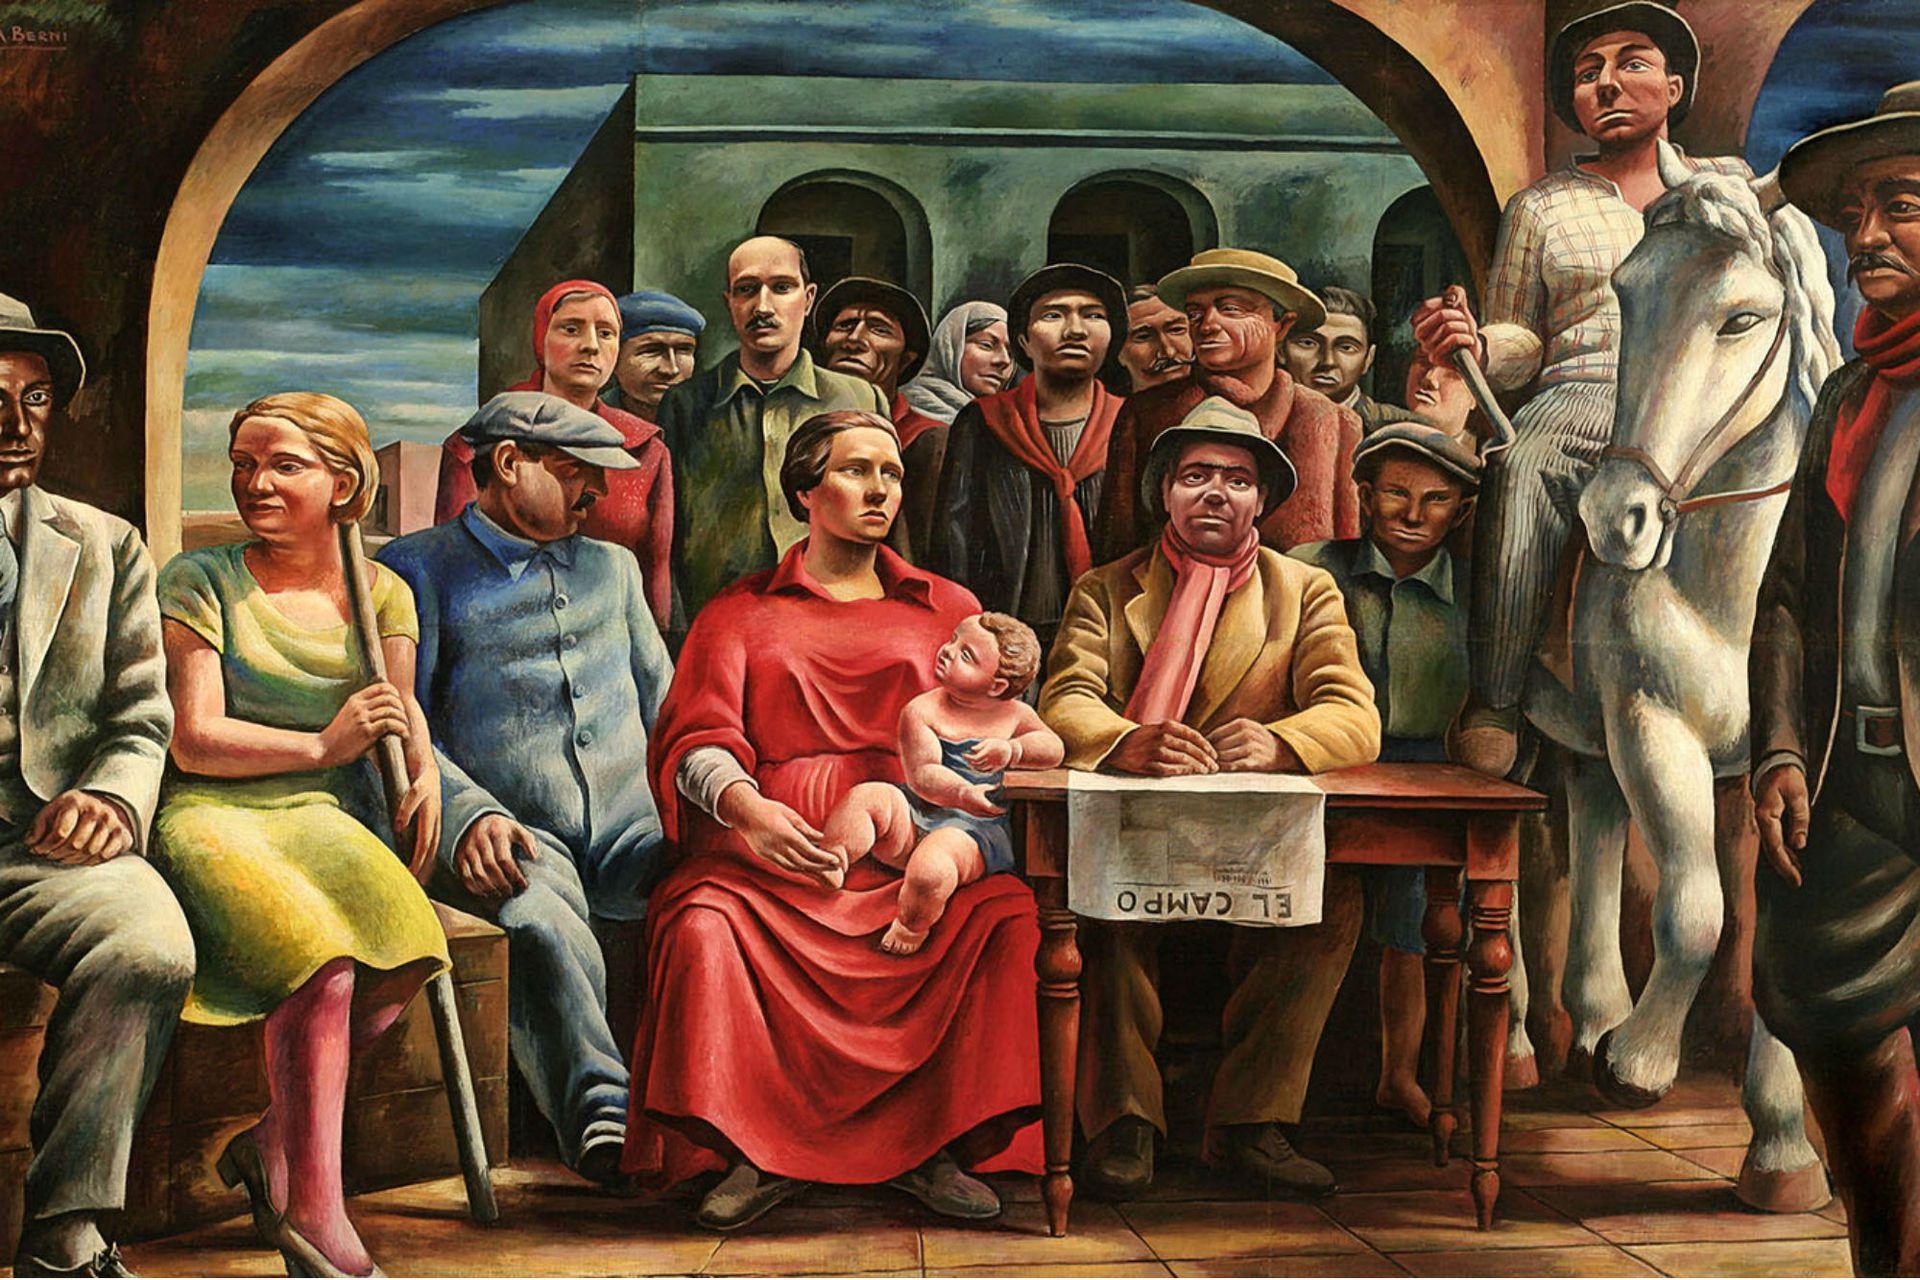 Chacareros, de Antonio Berni (detalle), una de las obras más destacadas de la colección del Museo Sívori